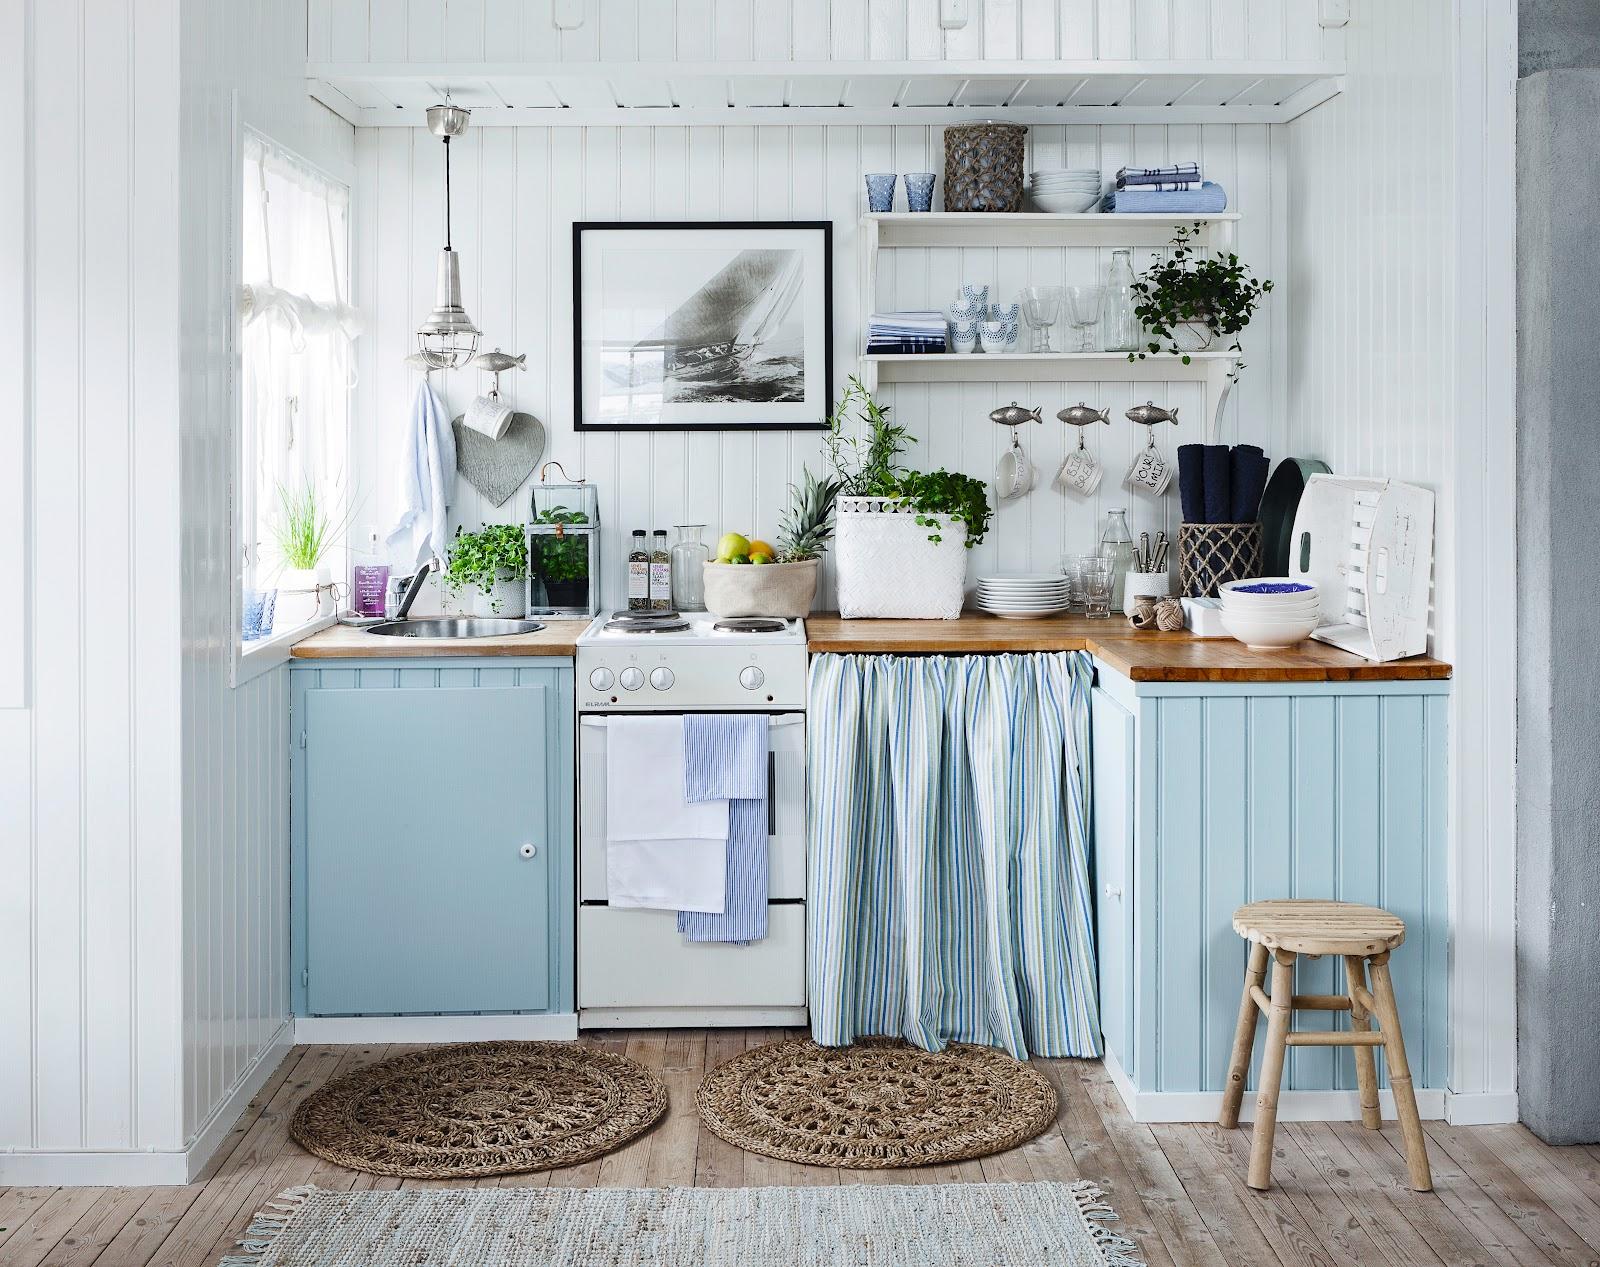 Bądź kreatywny, uwolnij siebie Jak urządzić kuchnie